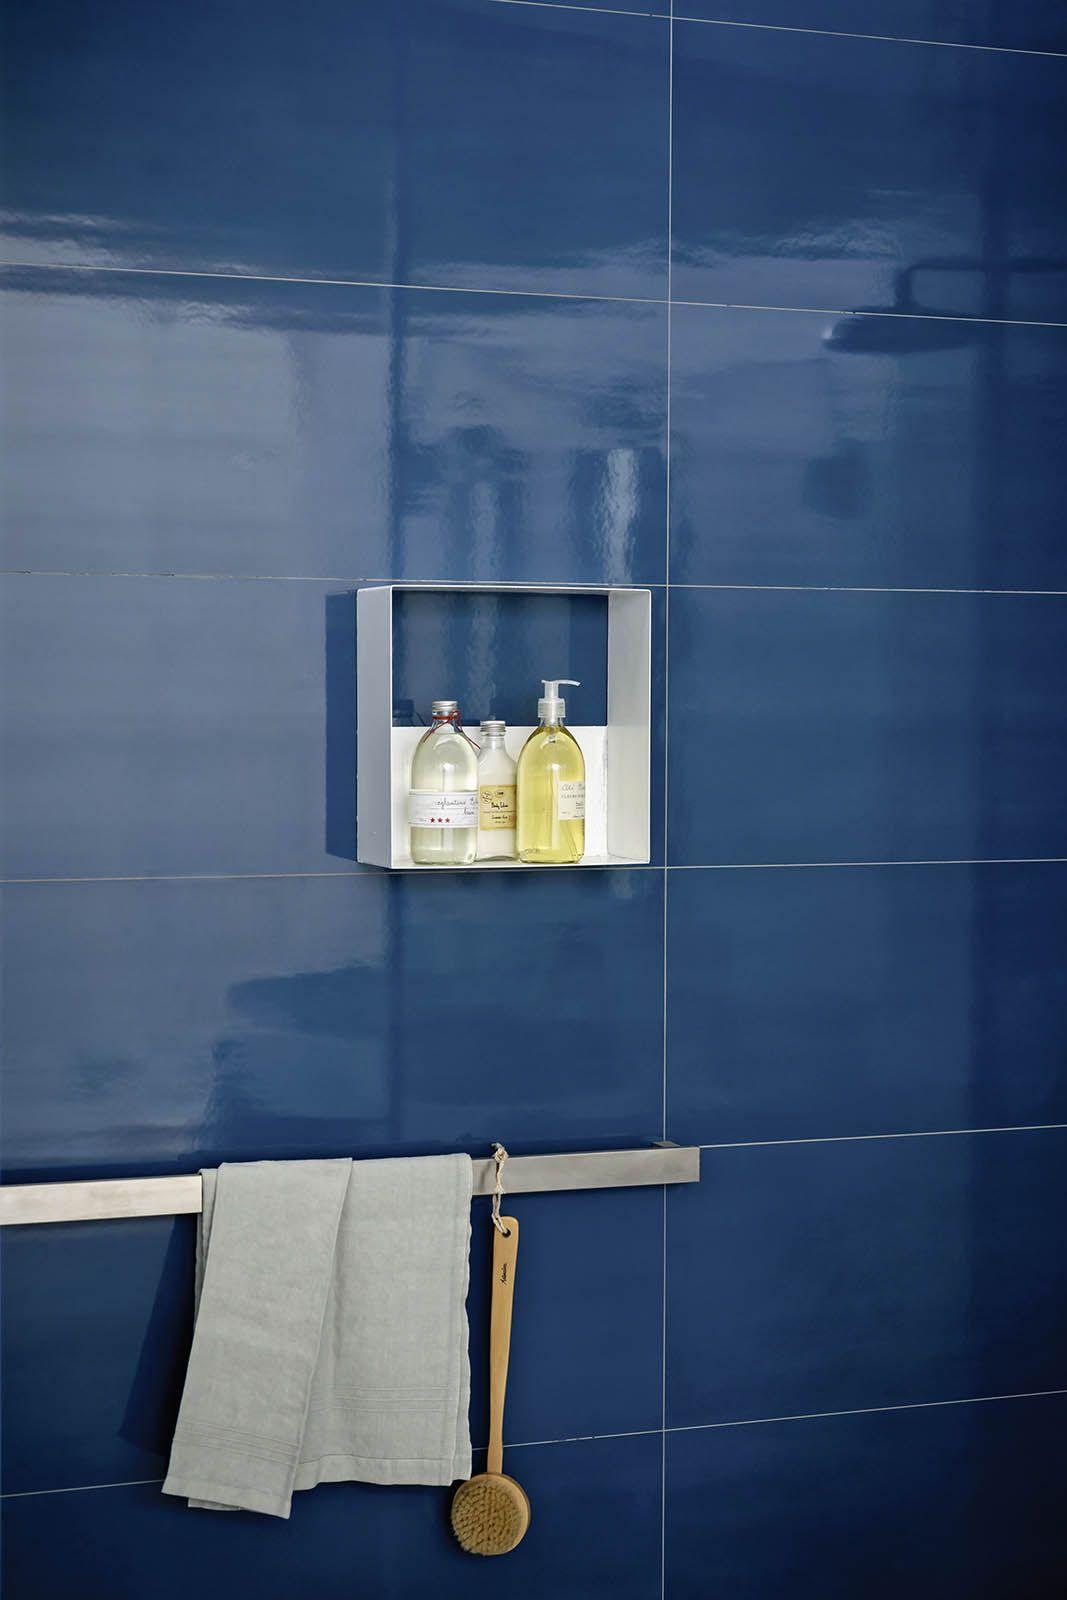 Imperfetto piastrelle bagno colorate bathroom - Piastrelle bagno colorate ...